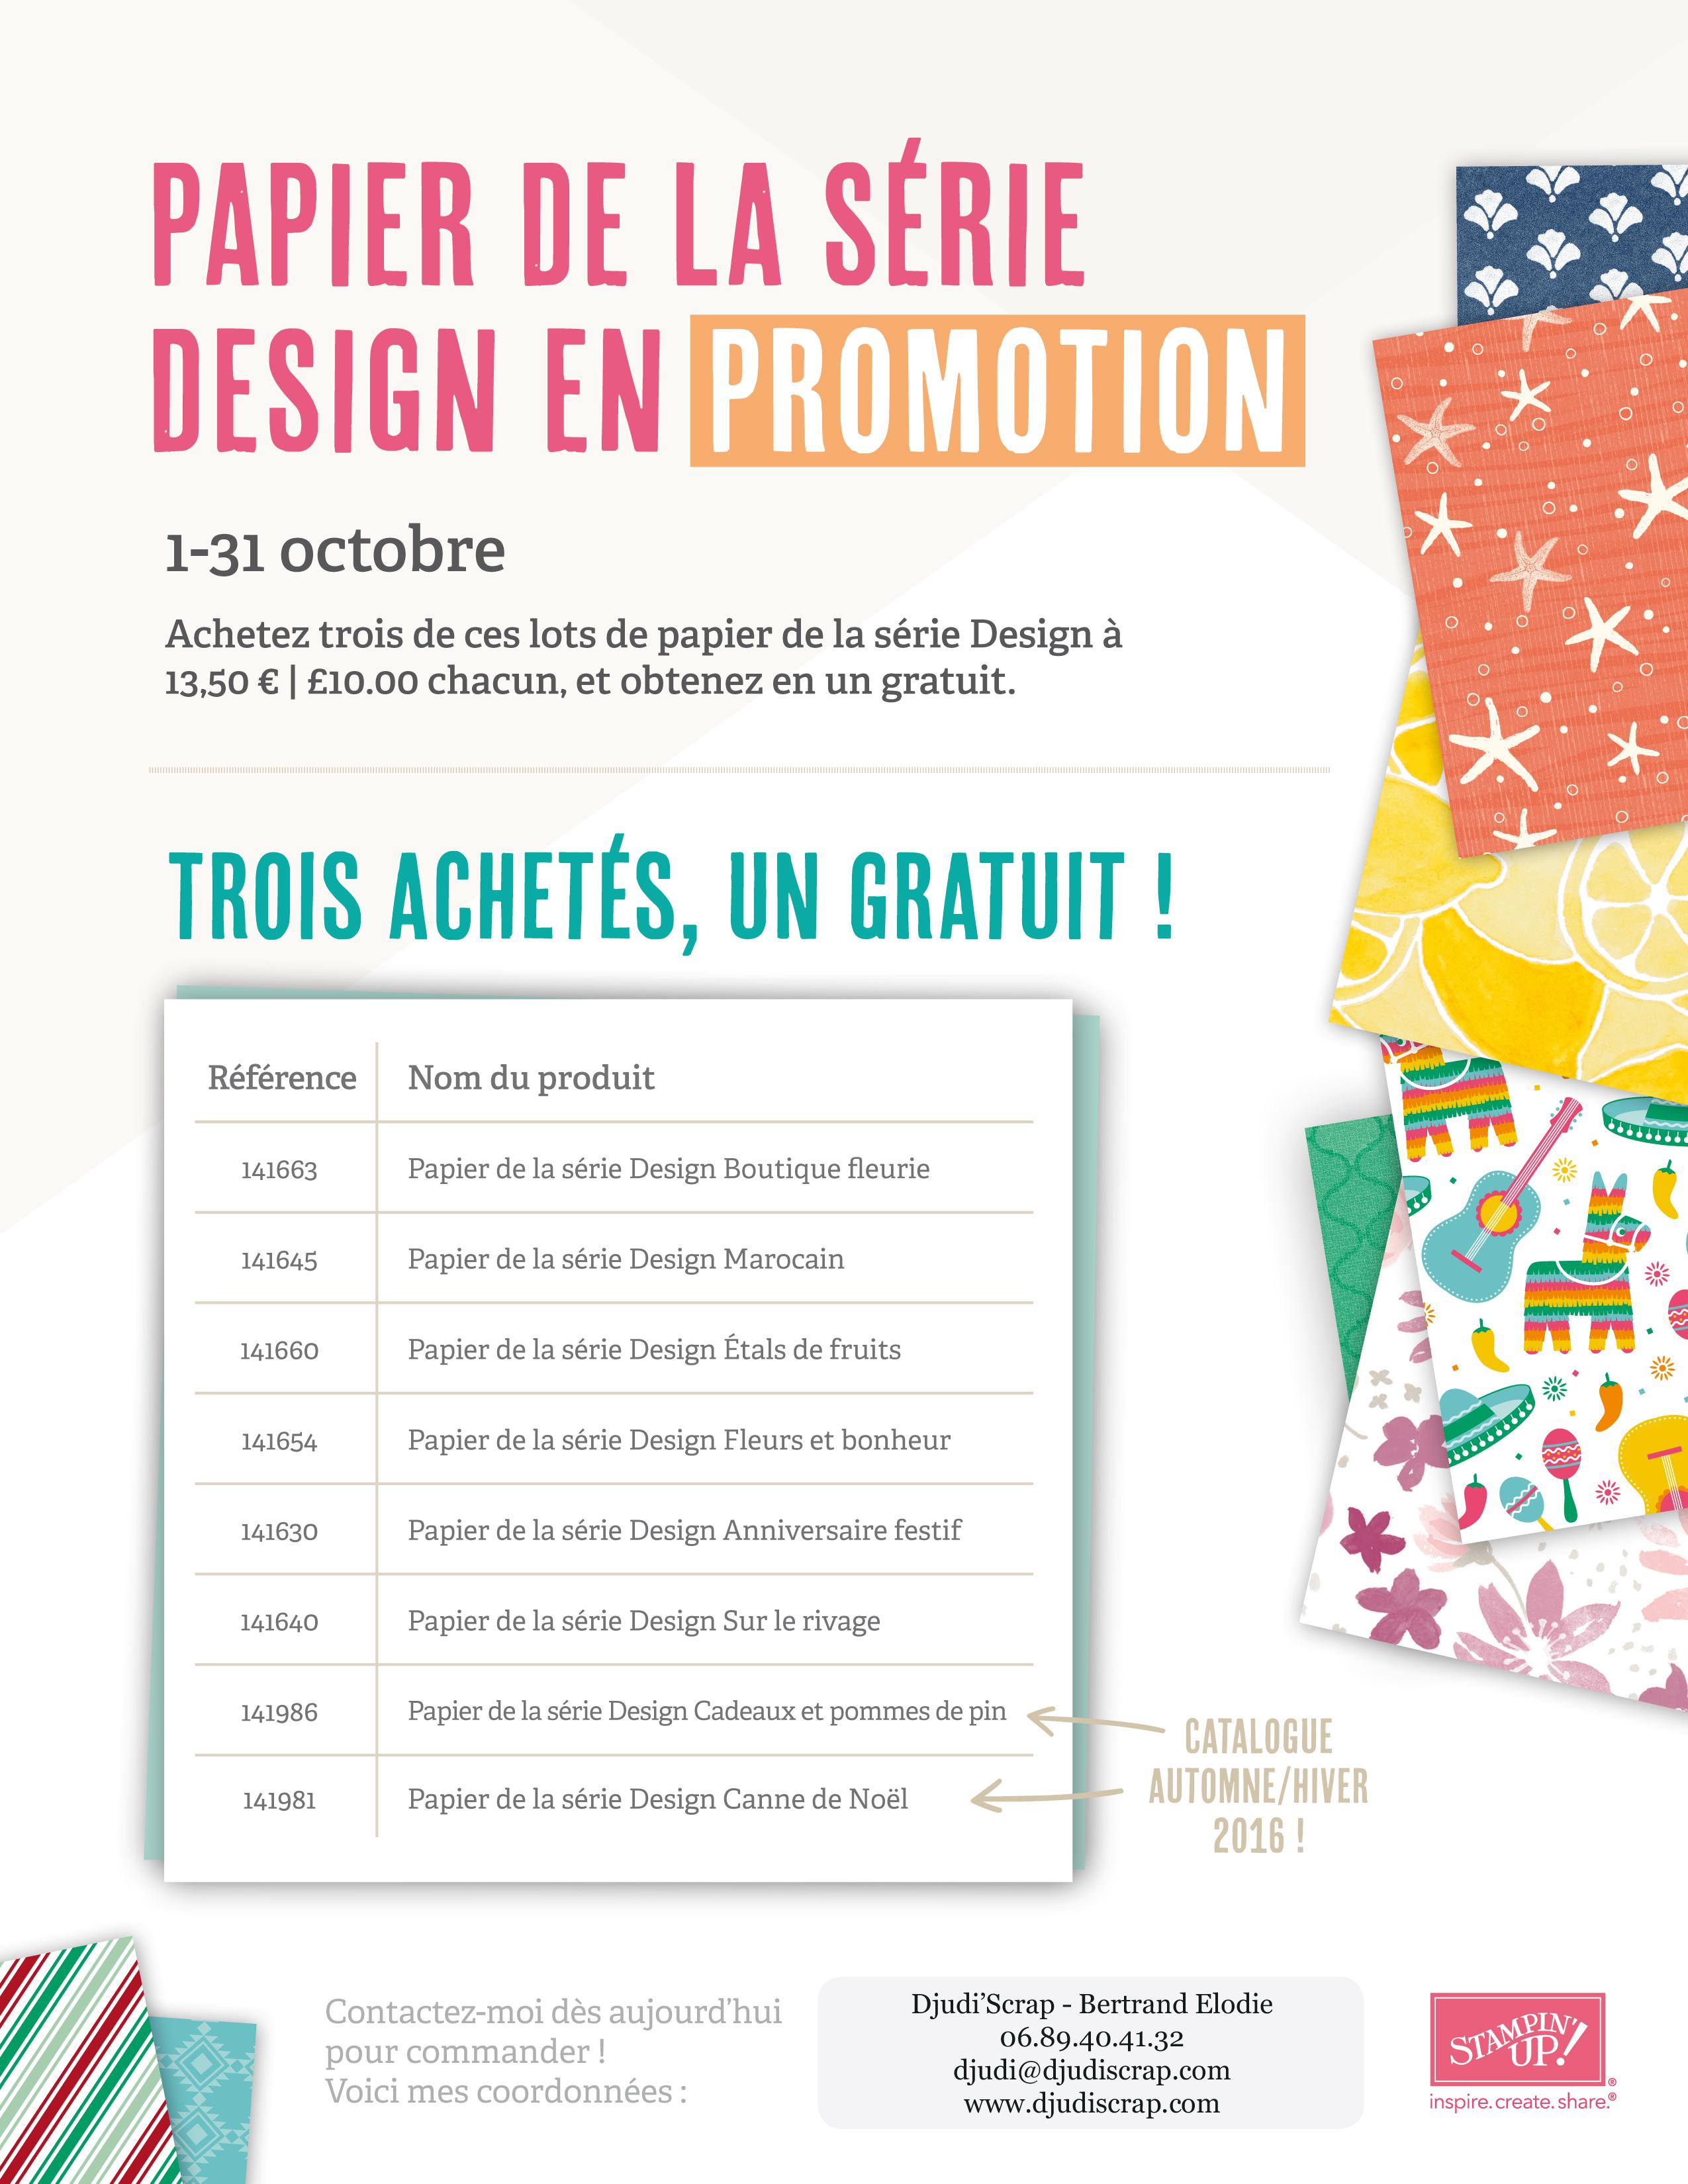 stampinup-promotion-papier-de-la-serie-design-2